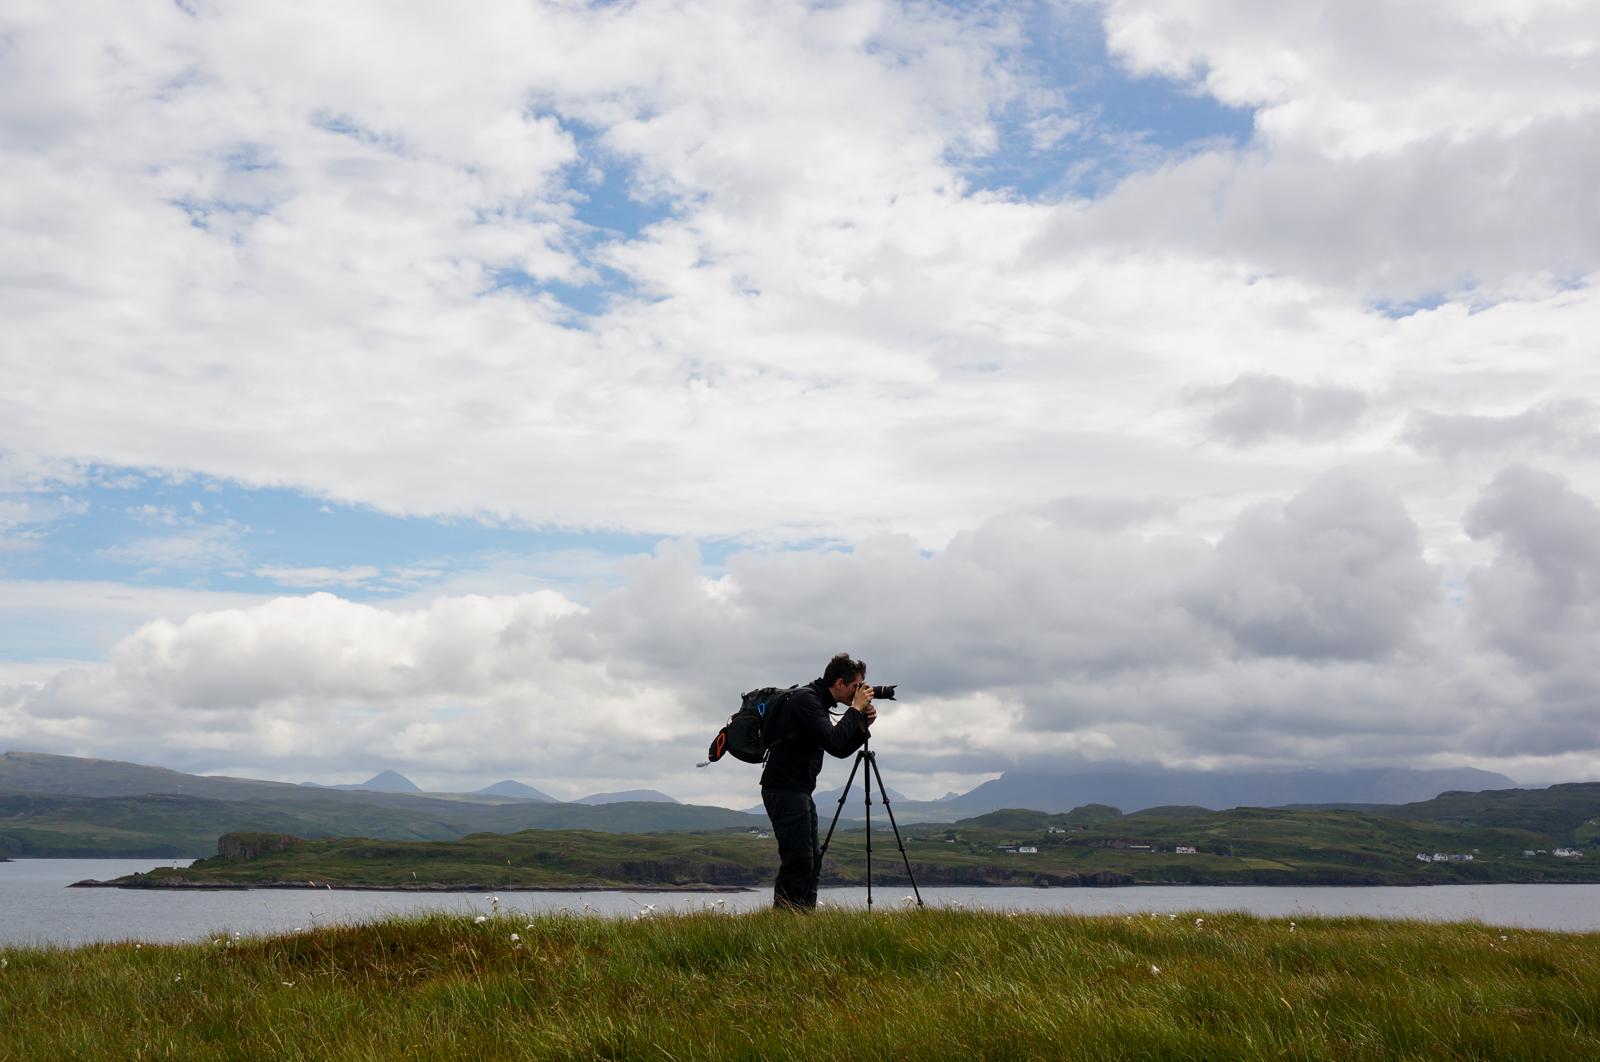 nest point, écosse, travel scotland, blog voyage 2019, blog écosse 2019, blog voyage écosse 2019, île de skye, skye island